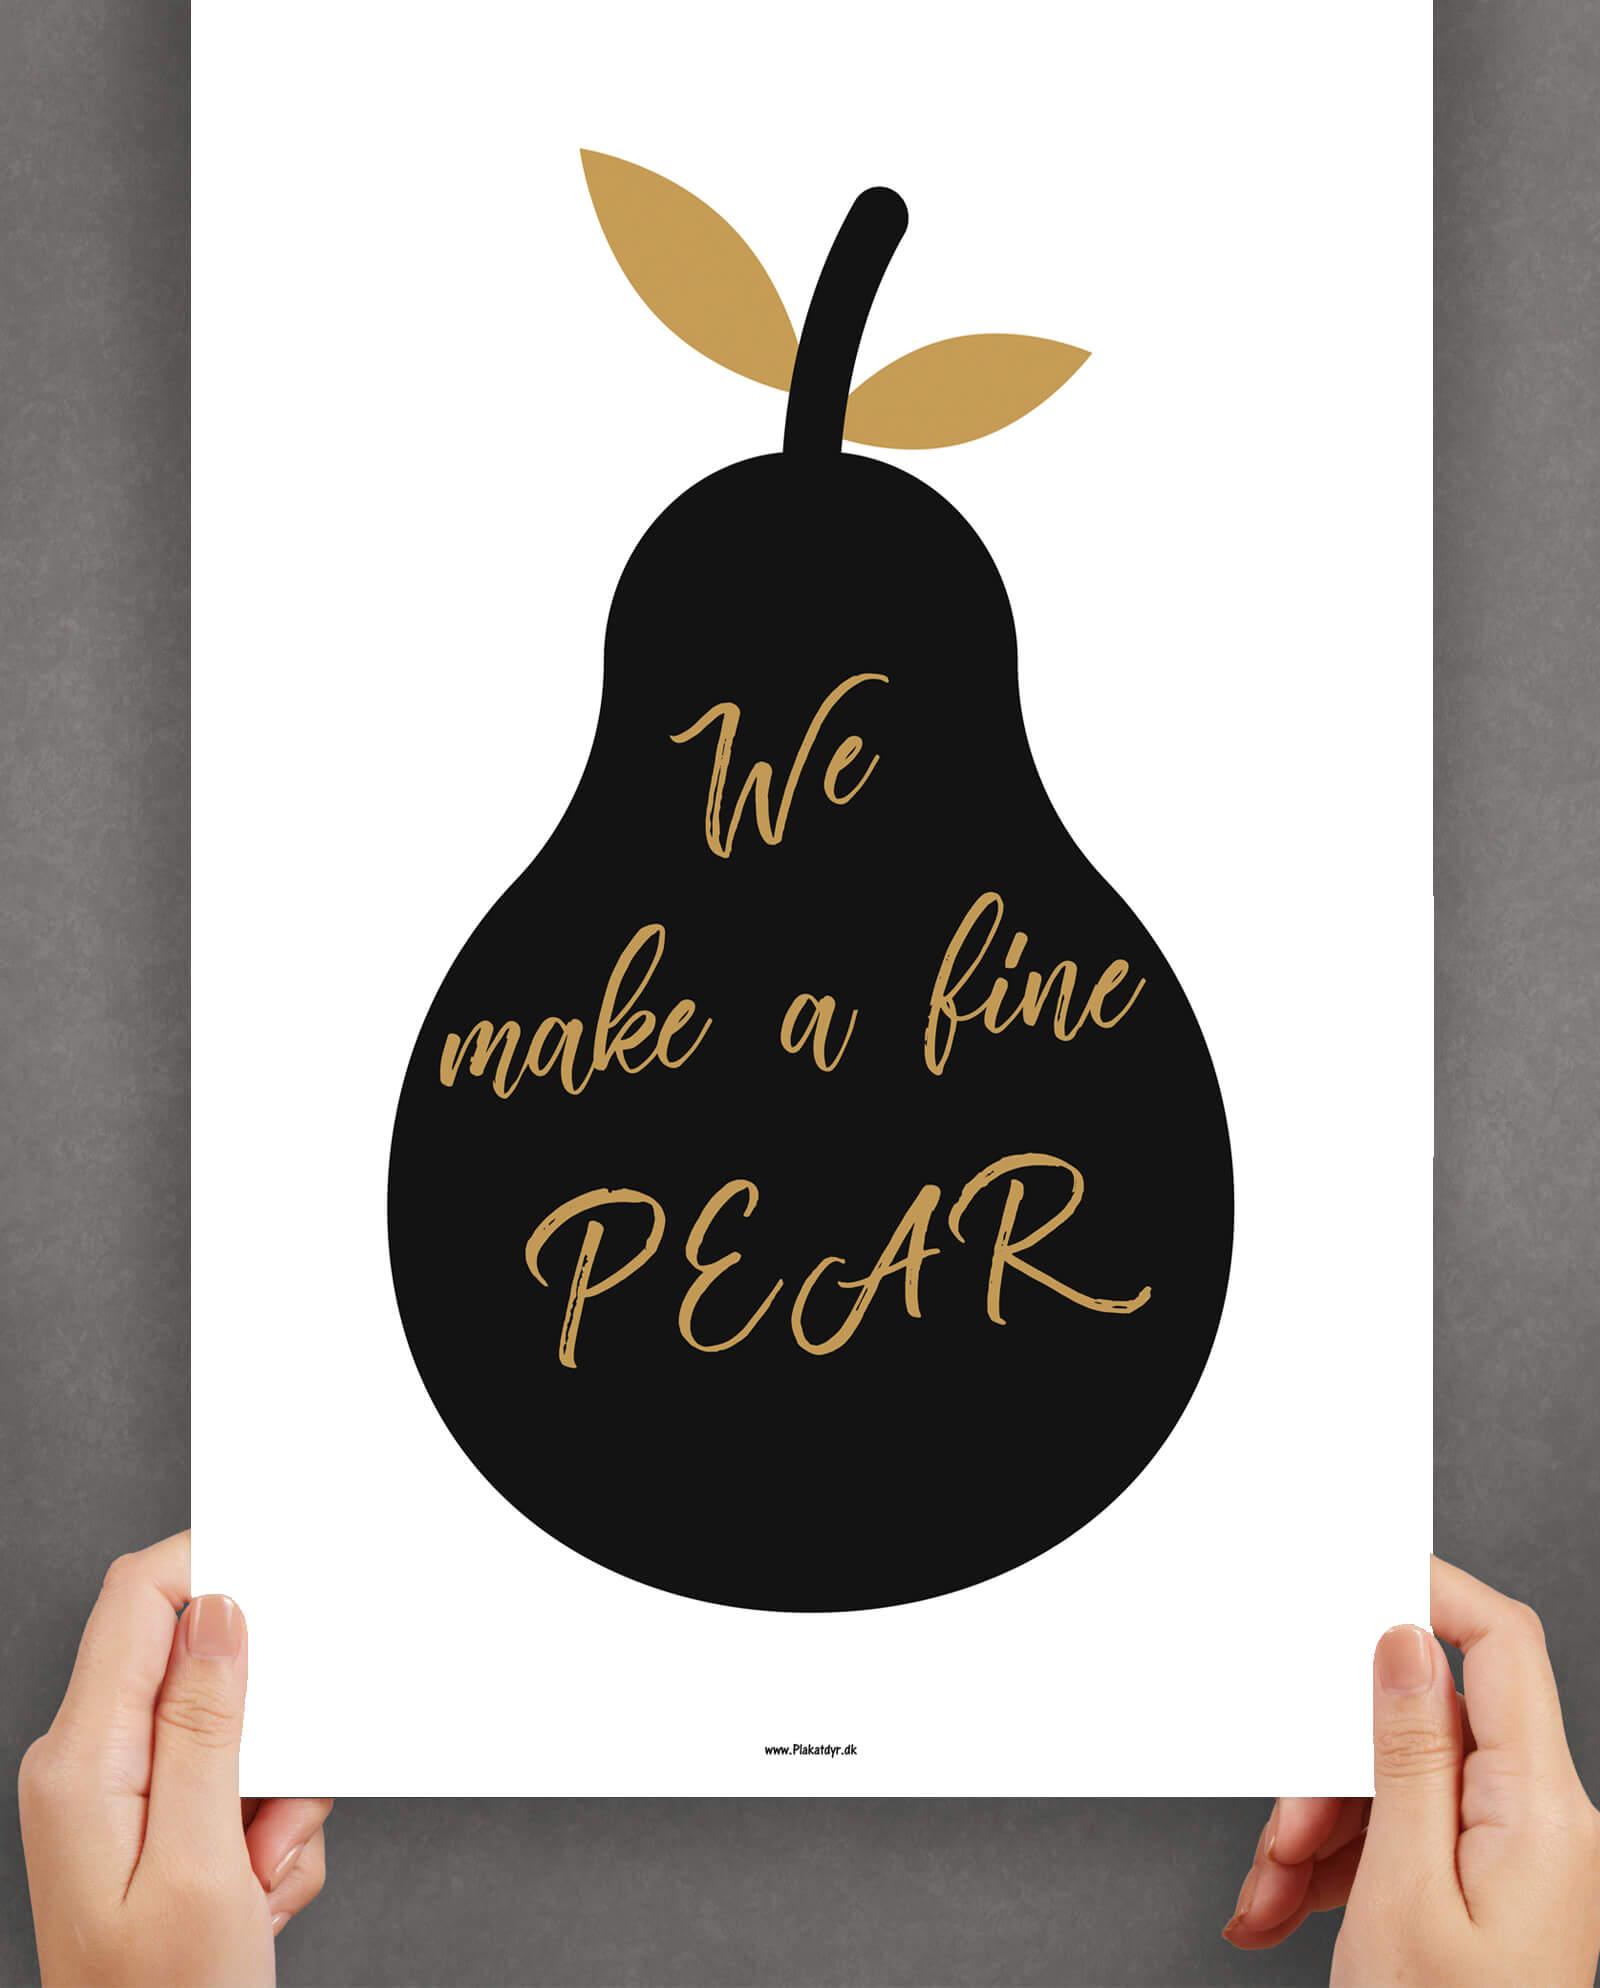 pear-hvidbaggrund